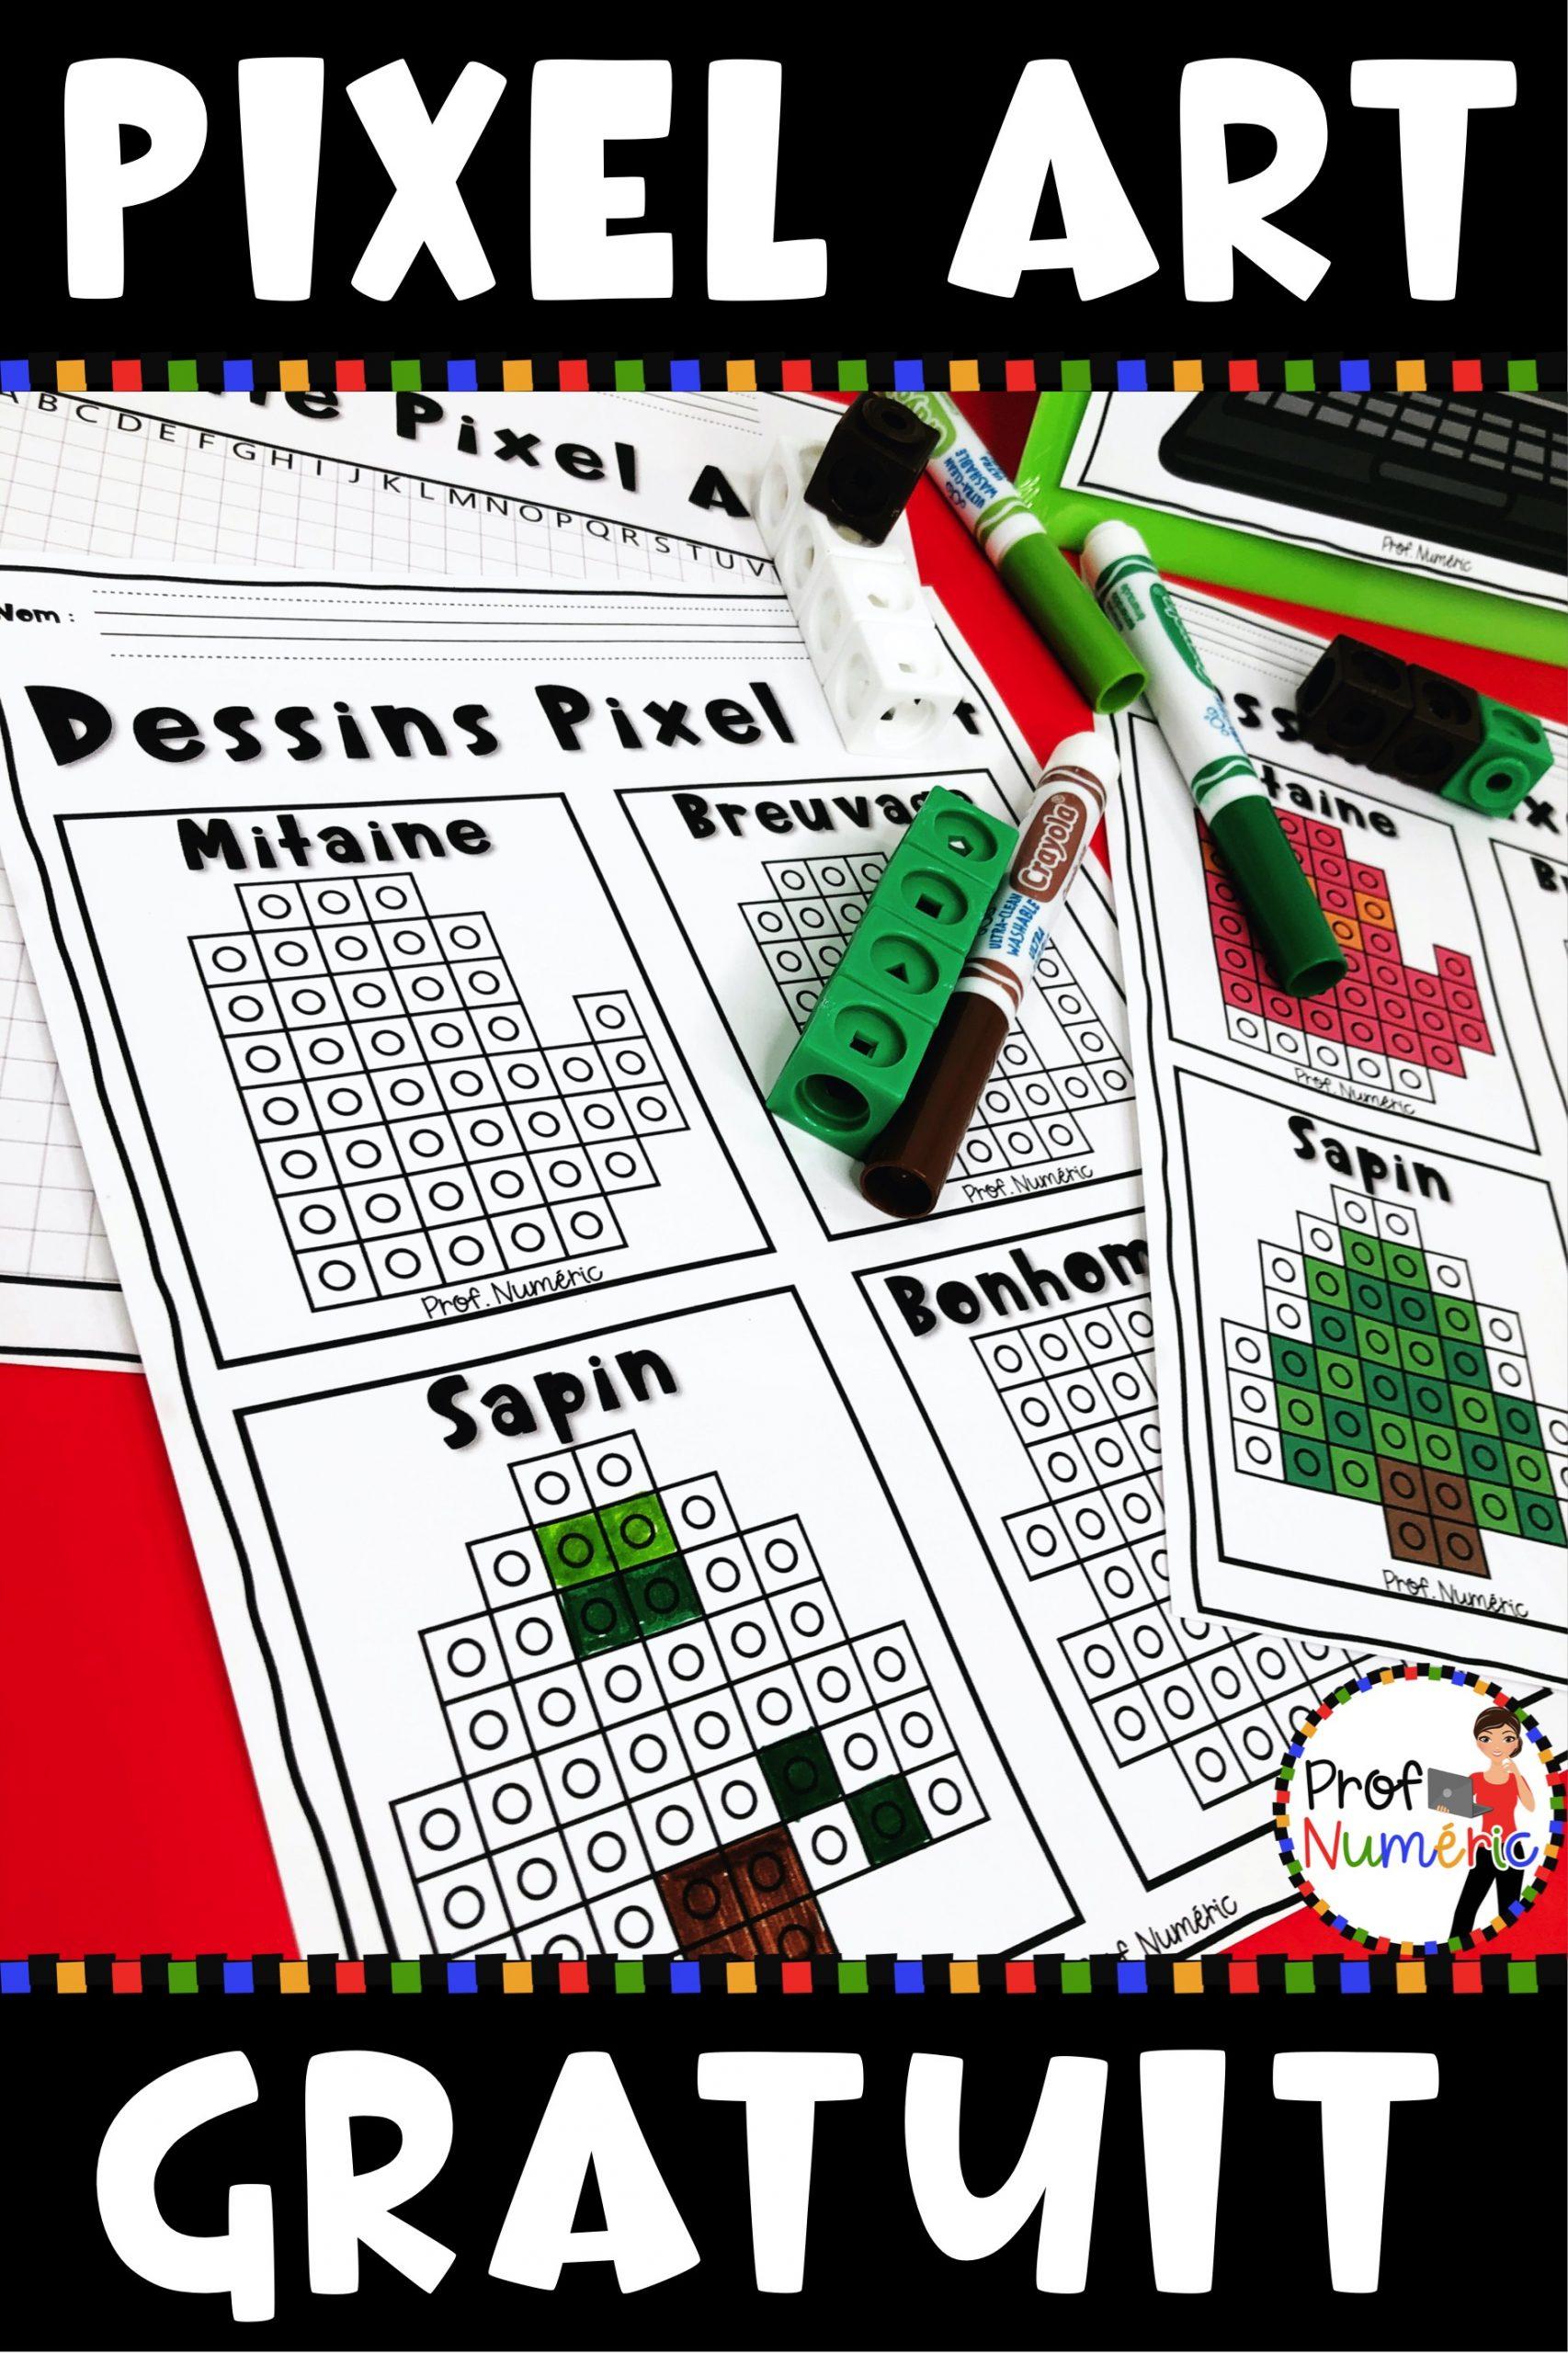 Dessins Pixel Art Numérique - Prof Numéric dedans Jeux De Dessin Pixel Art Gratuit